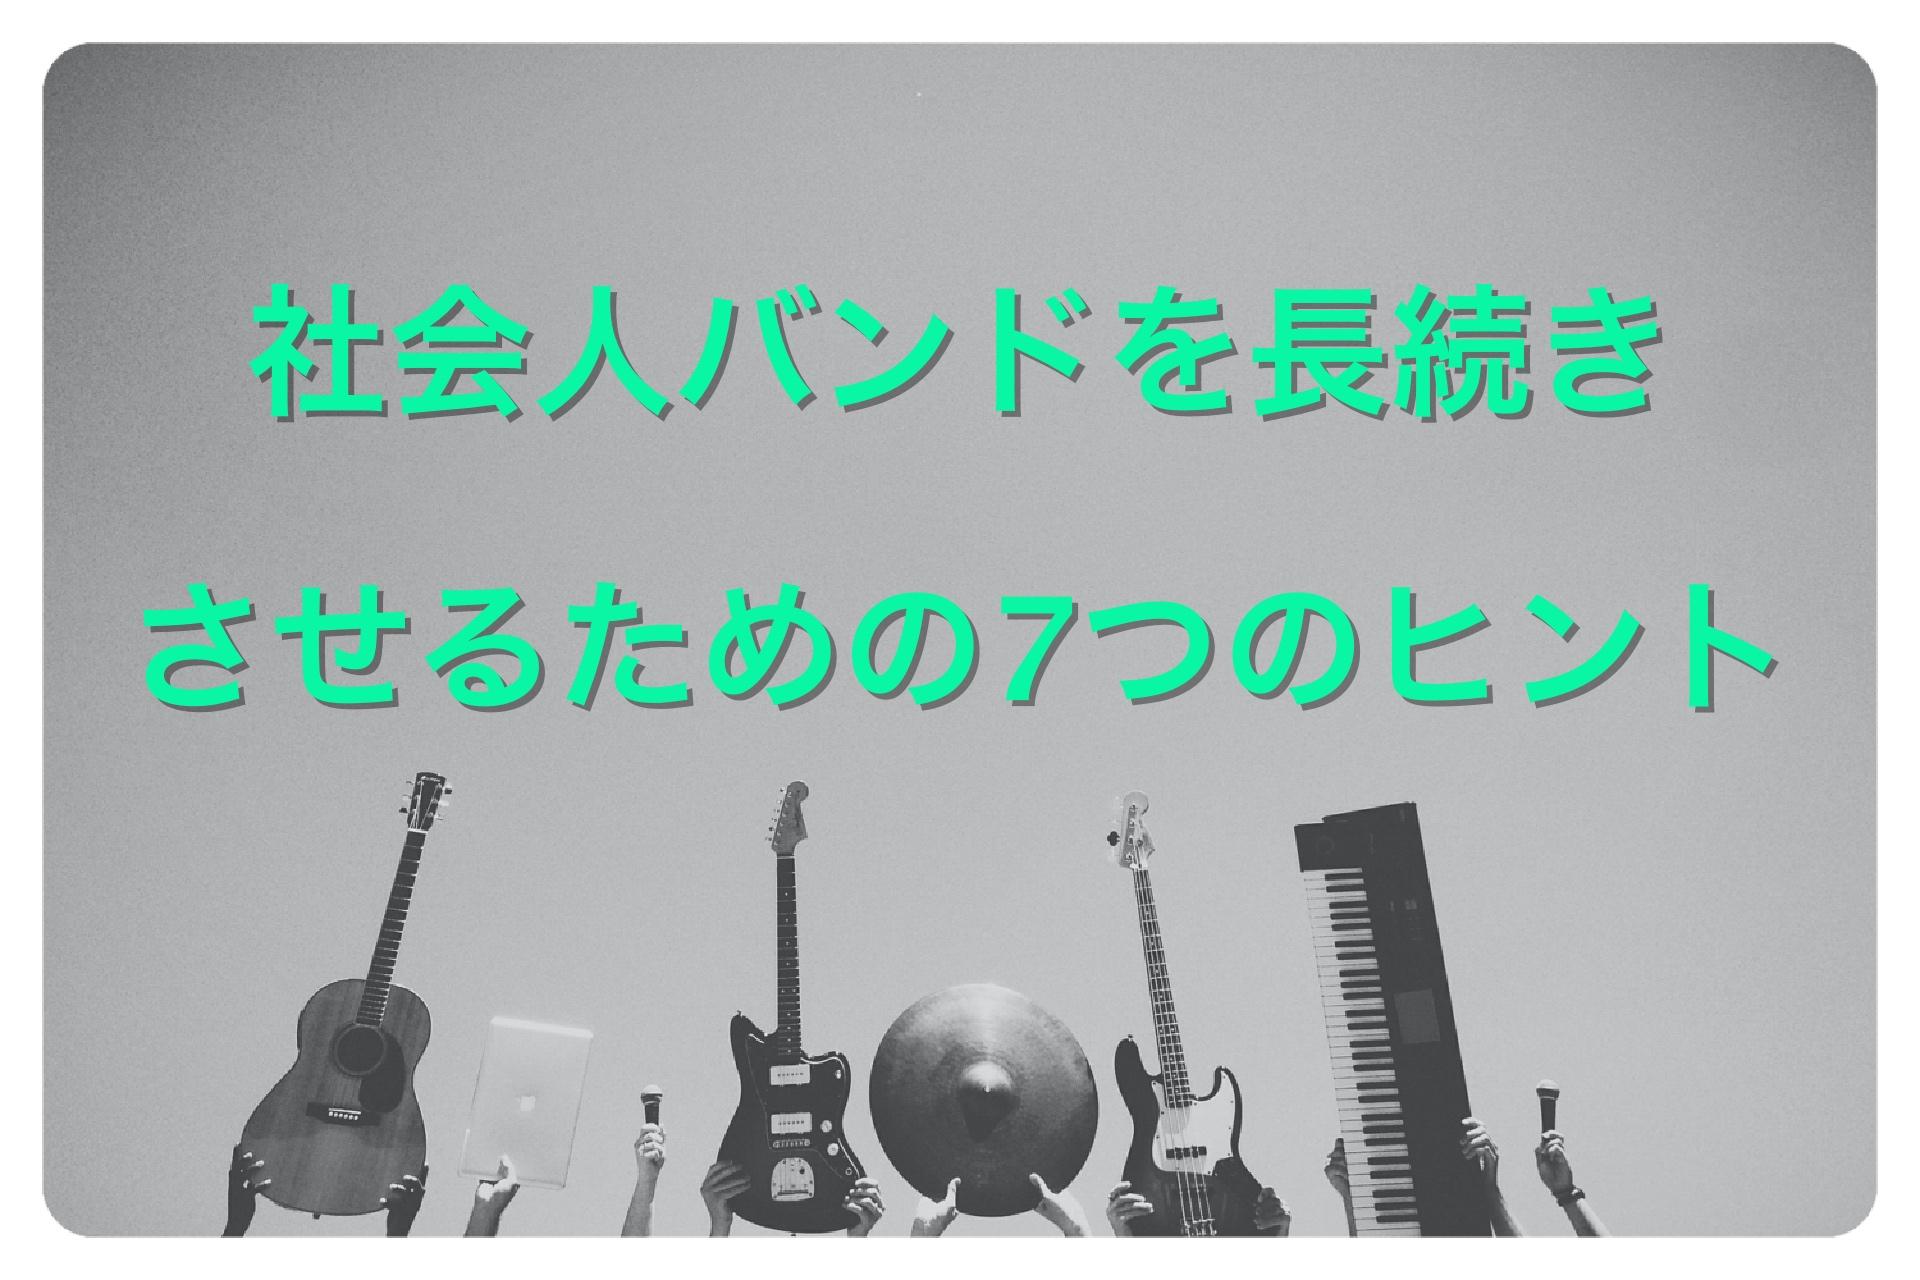 band music tips